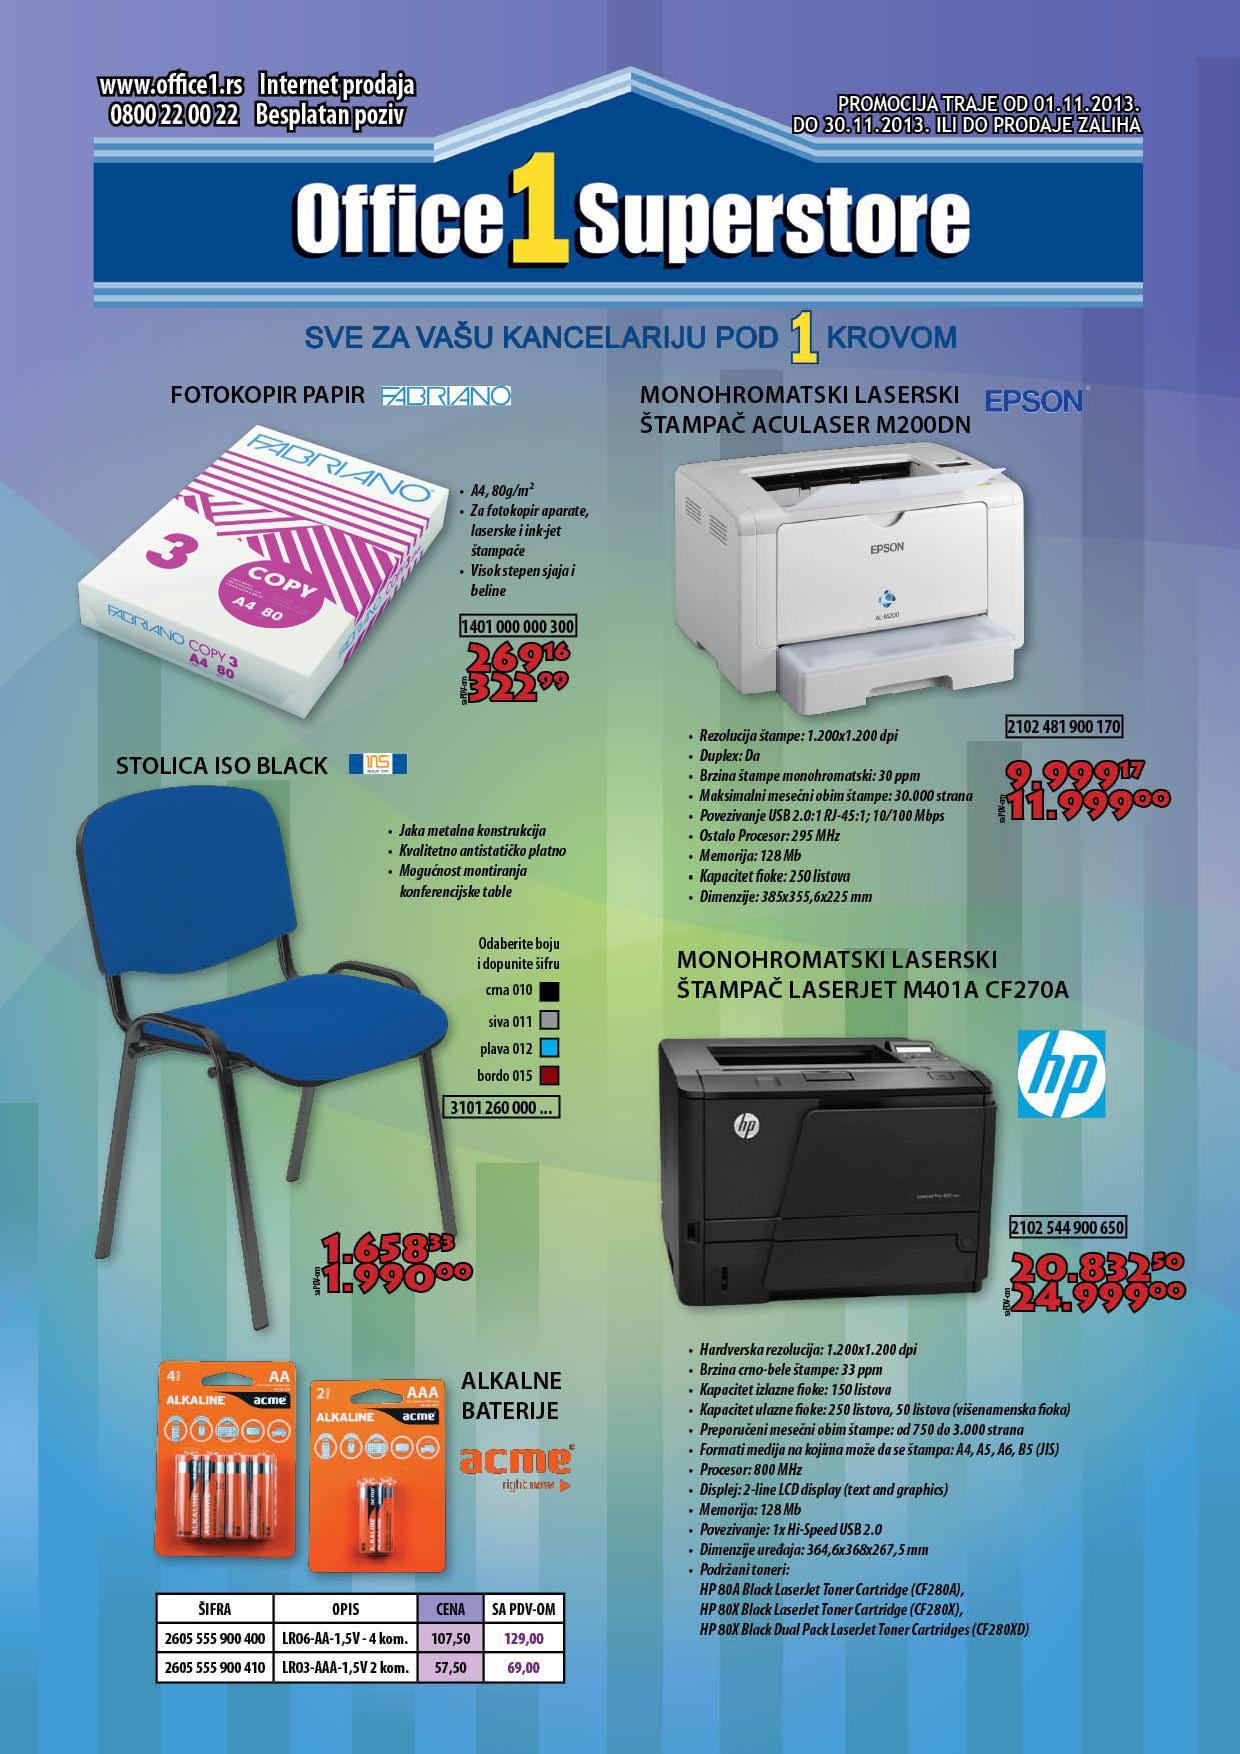 Office1super store katalog super cena